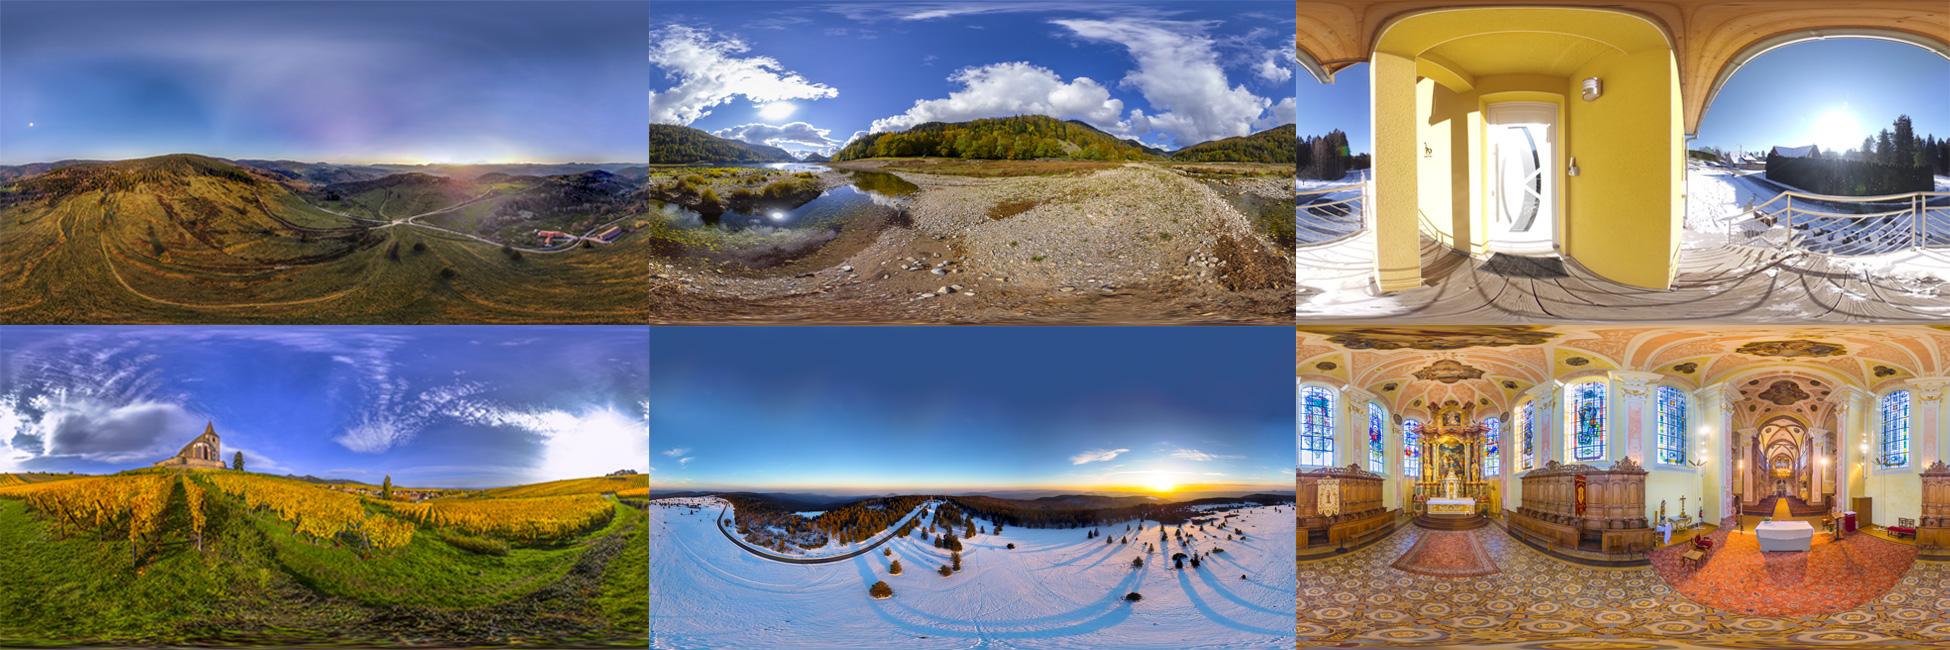 Photo 360 équirectanglaire